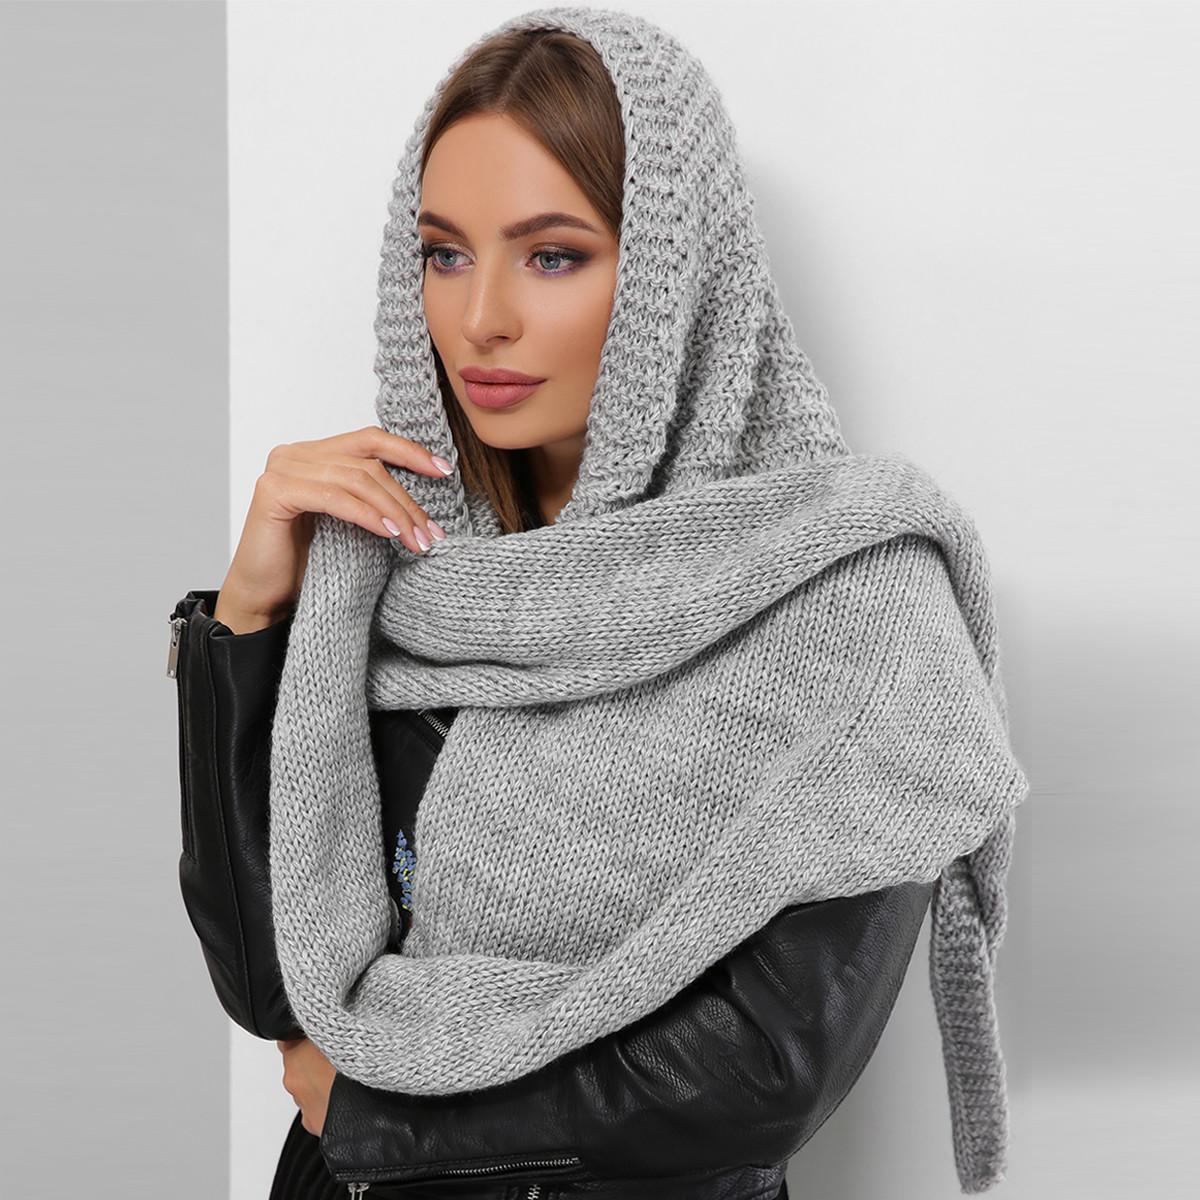 Треугольный вязаный платок теплый женский стильный